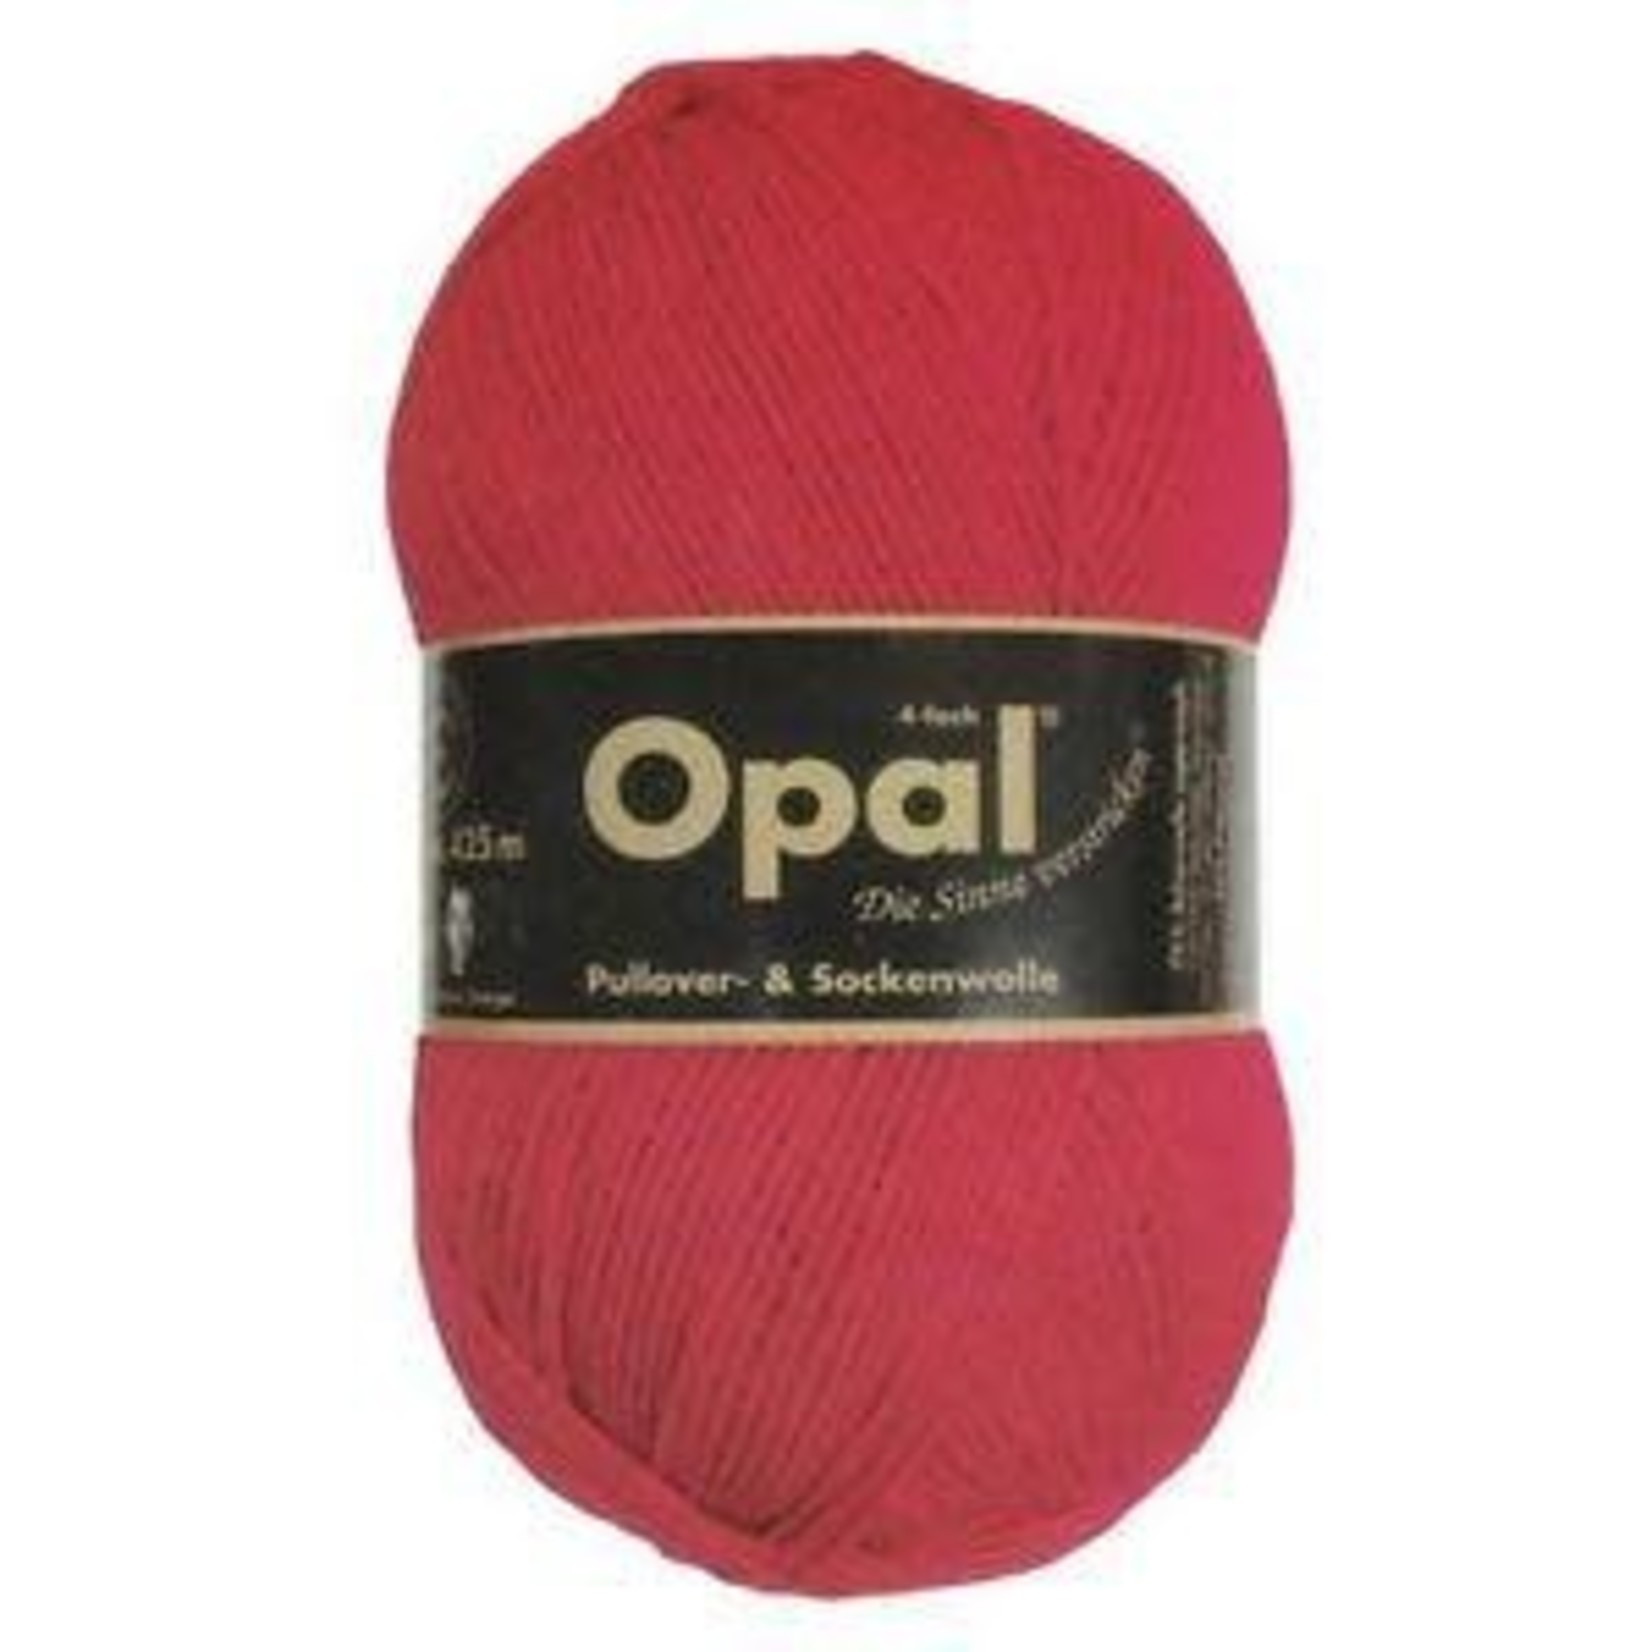 Opal Yarn Solid Sock Yarn by Opal